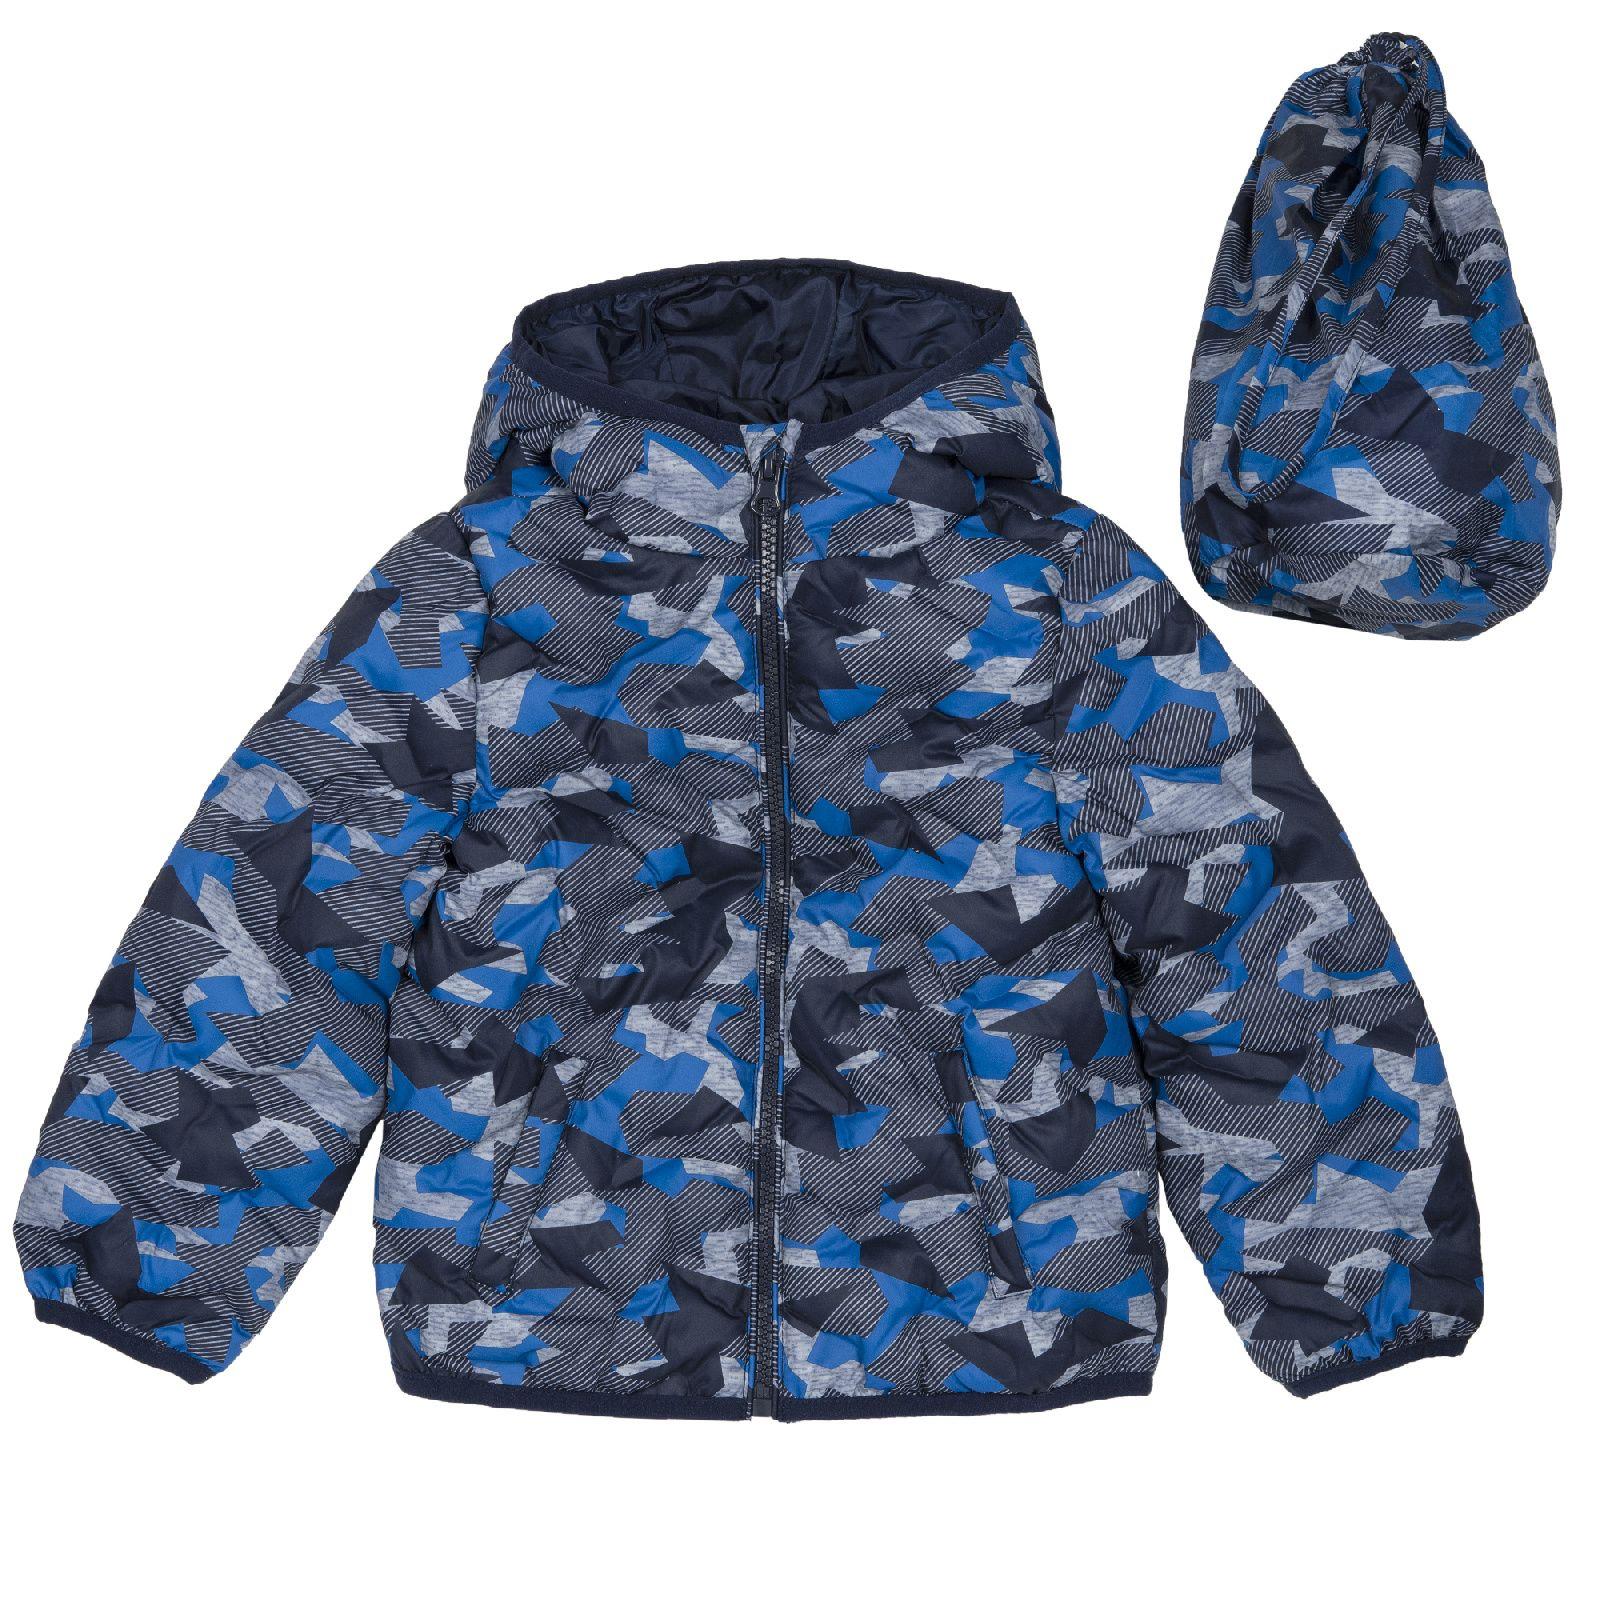 Купить 908745588, Куртка Chicco для мальчика с капюшоном р.110 цвет темно-синий,